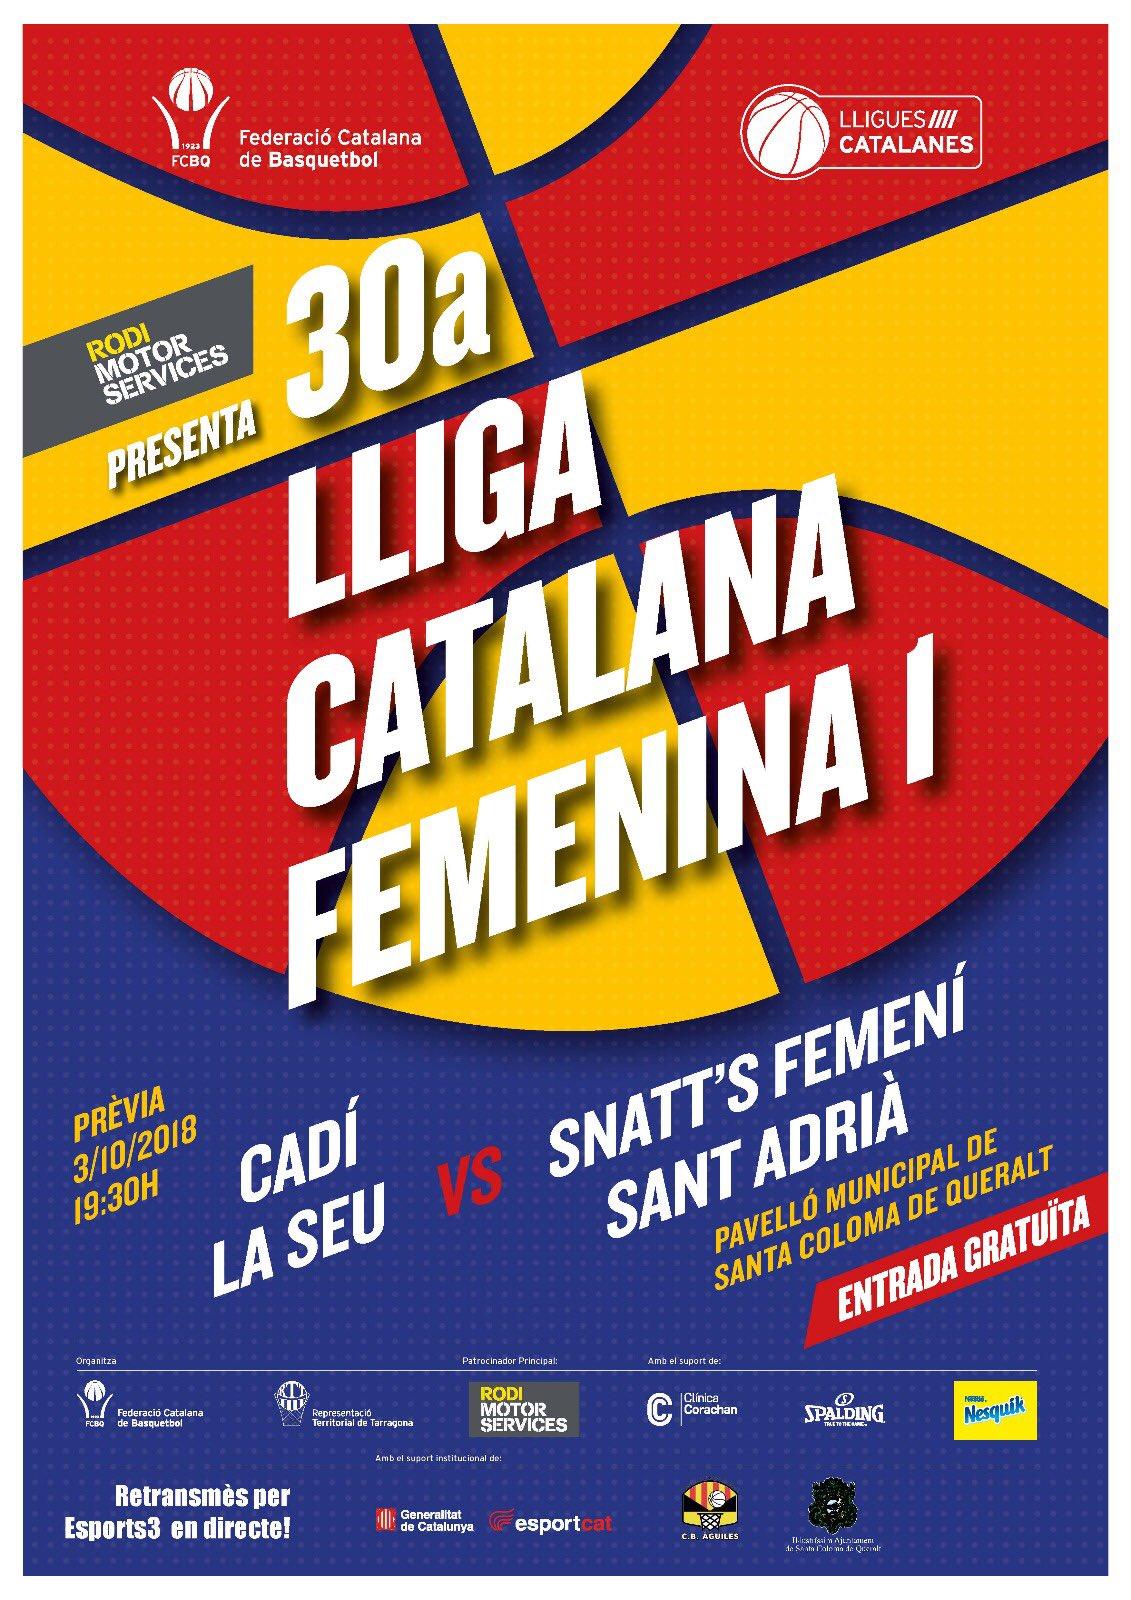 30a LLiga catalana Femeninajpg